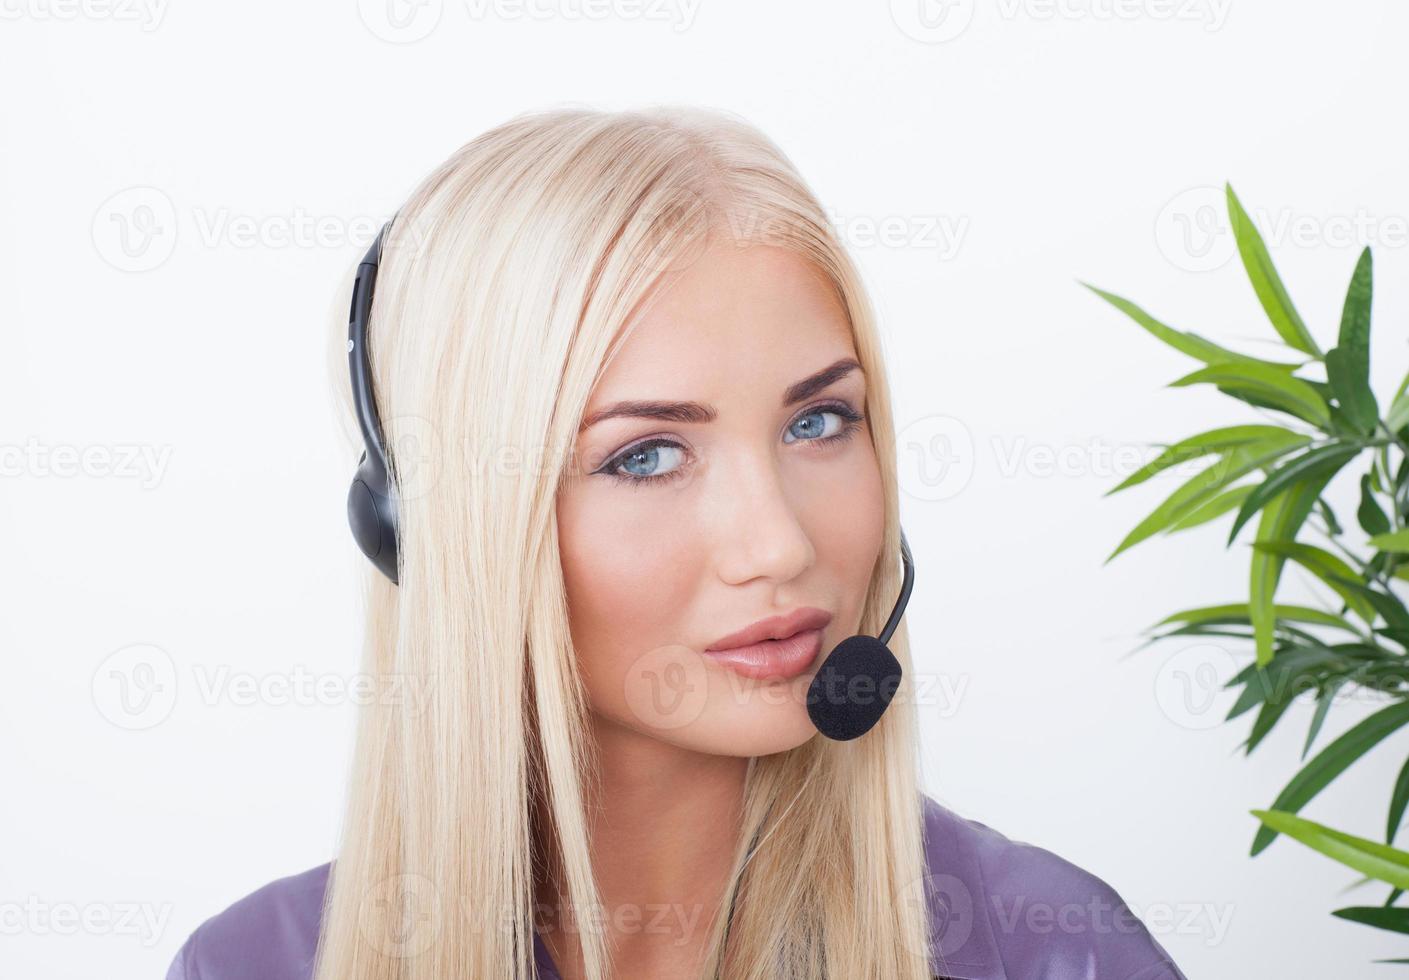 mooie blonde, vrouwelijke klantenservice operator met hoofdtelefoon foto